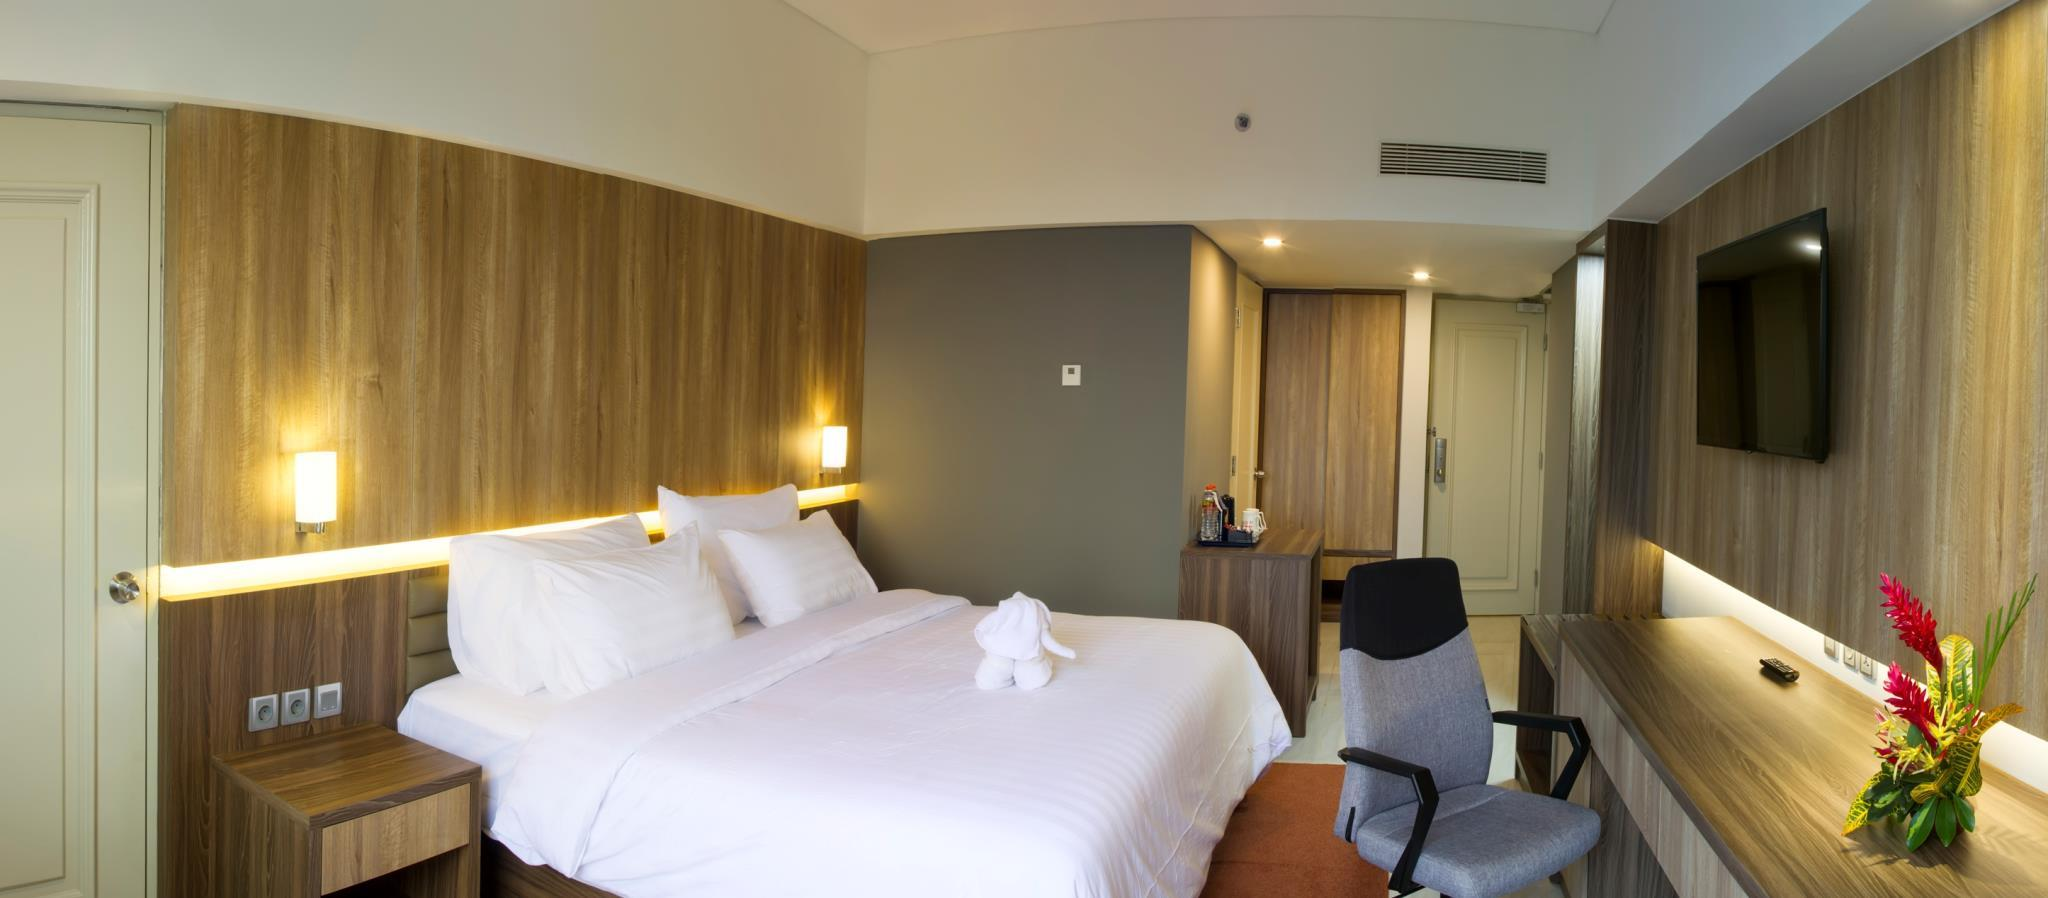 Horison ultima bandung hotel indonesia mulai dari rp for Dekor kamar hotel di bandung